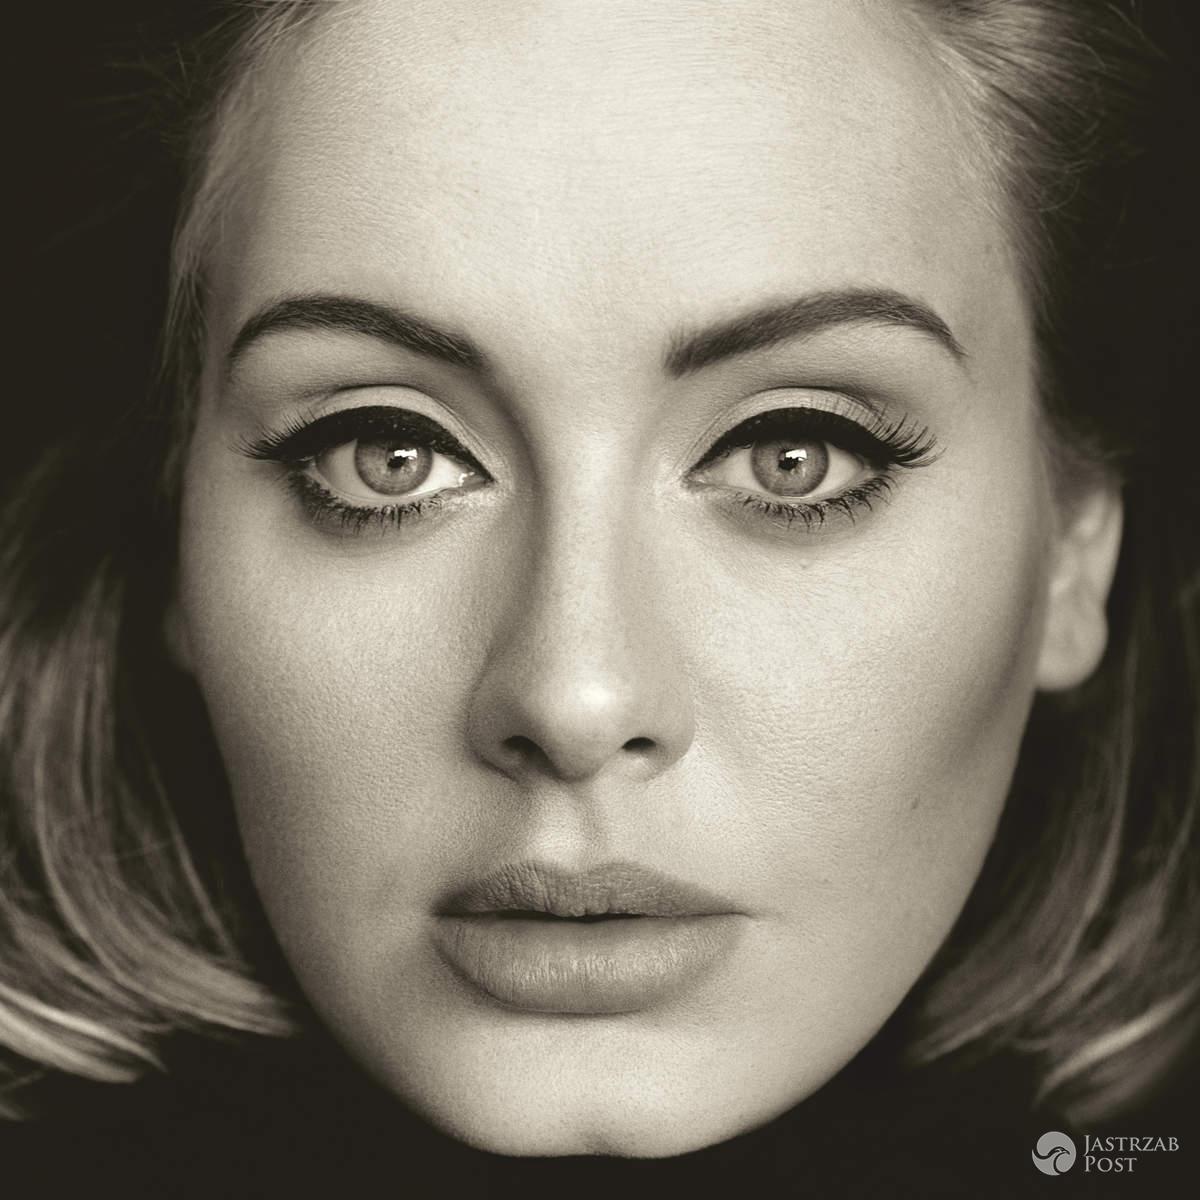 Adele - 25 (2015r.) - ok. 2 900 000 kopii